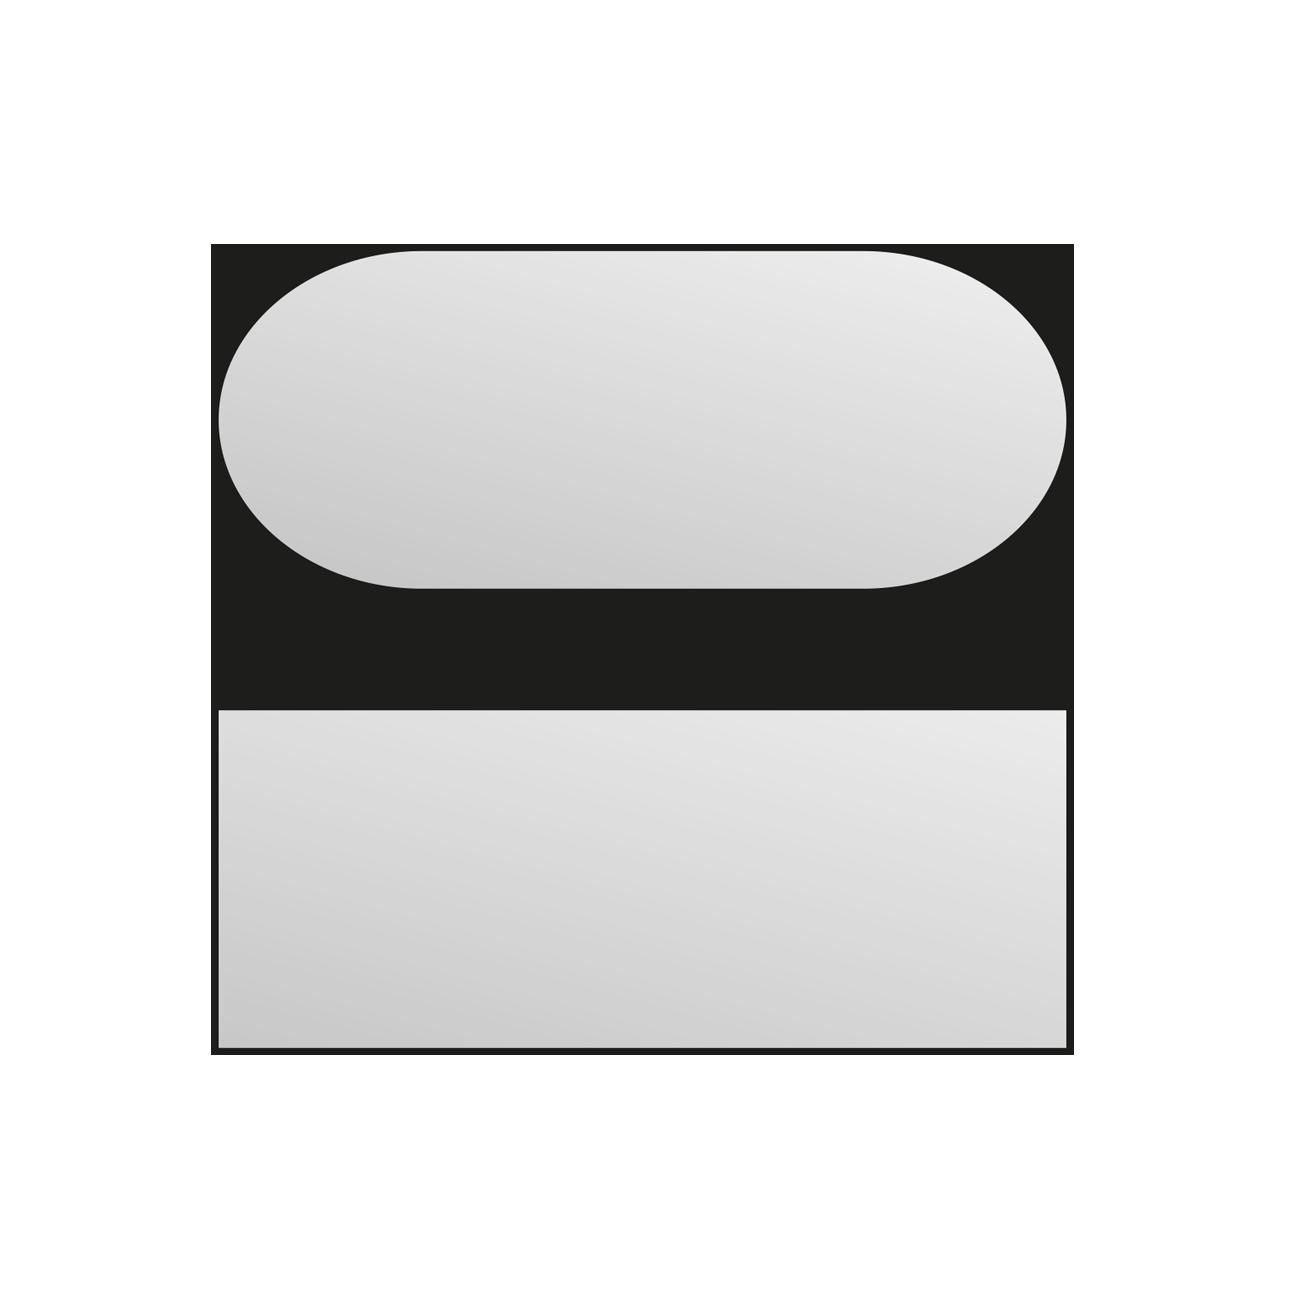 Pana Paralela Forma A 6885 Otel Olc45-14x 9×140